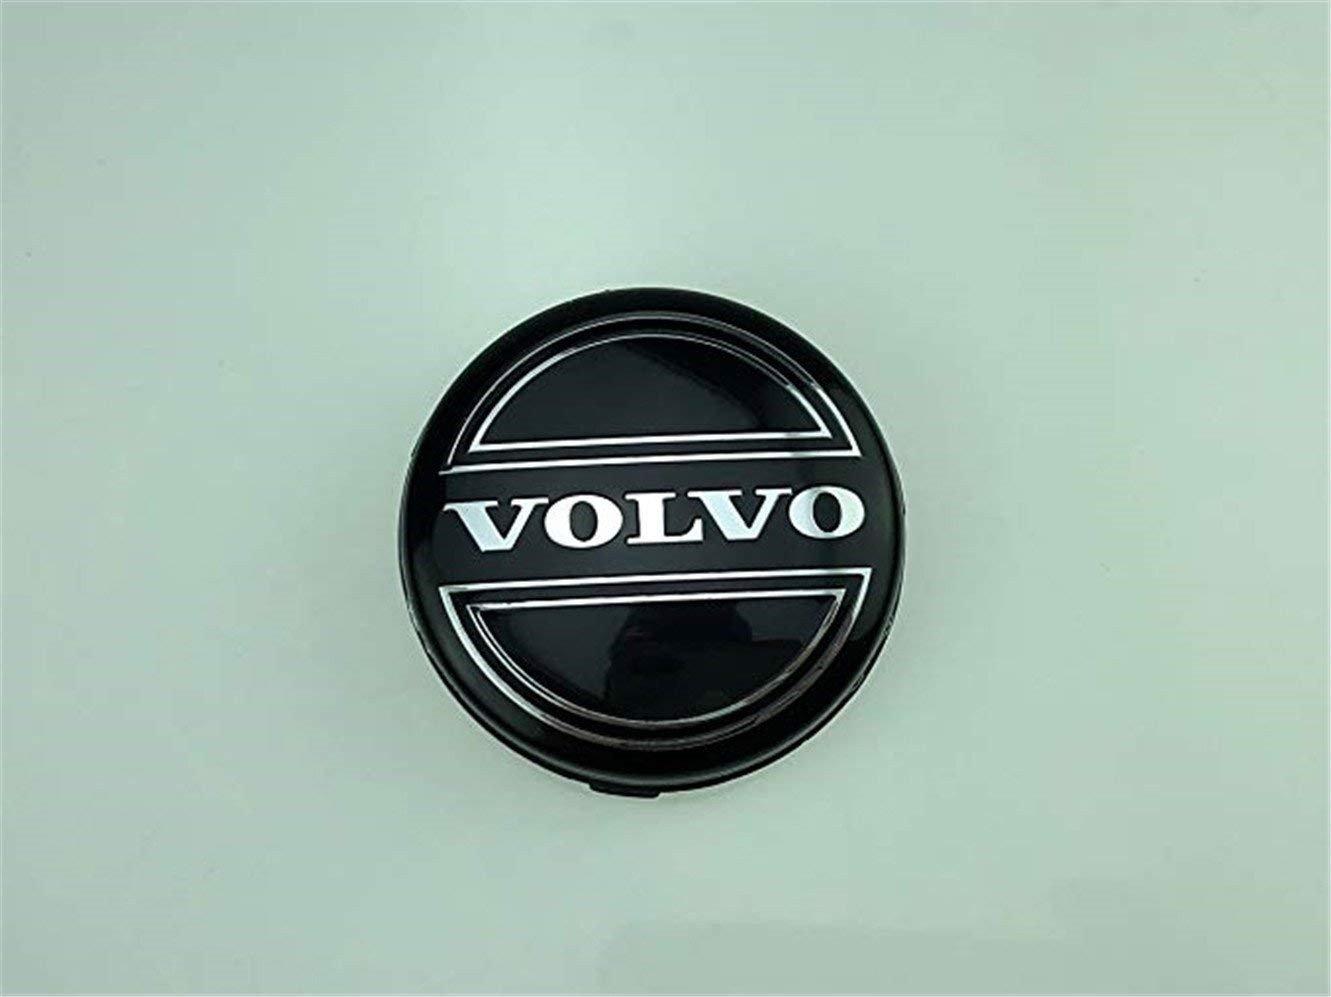 yongyong218 Juego de 4 tapacubos de Aleación para Llantas de Volvo, 64 mm, Negro, C70, S60, V60, V70, S80, XC90: Amazon.es: Coche y moto